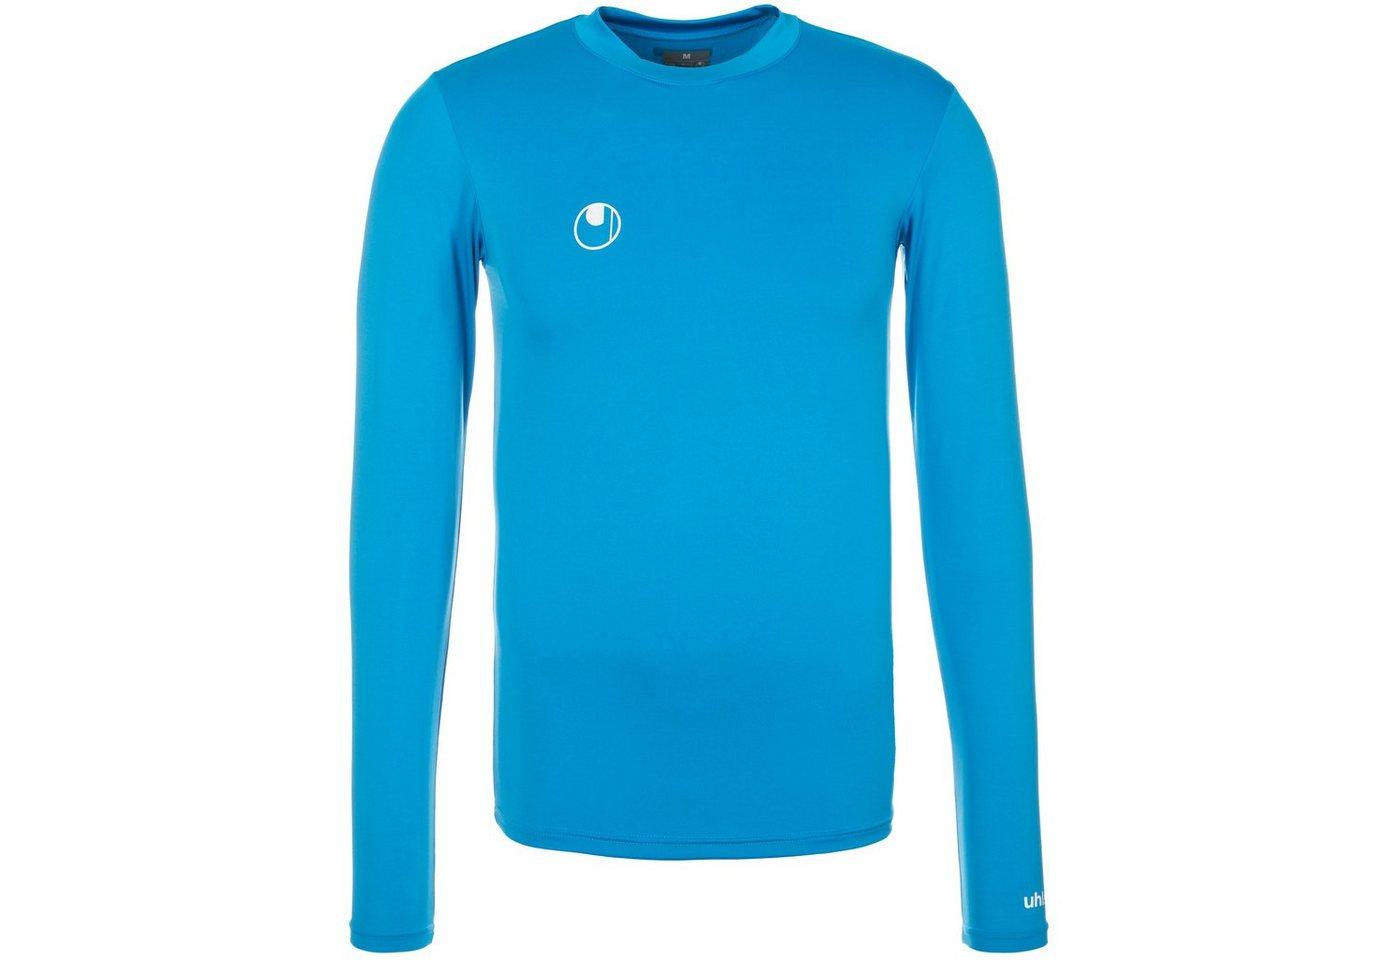 Uhlsport Funktionsshirt Langarm Herren | Sportbekleidung > Sportshirts > Funktionsshirts | Blau | Elasthan - Polyester | Uhlsport